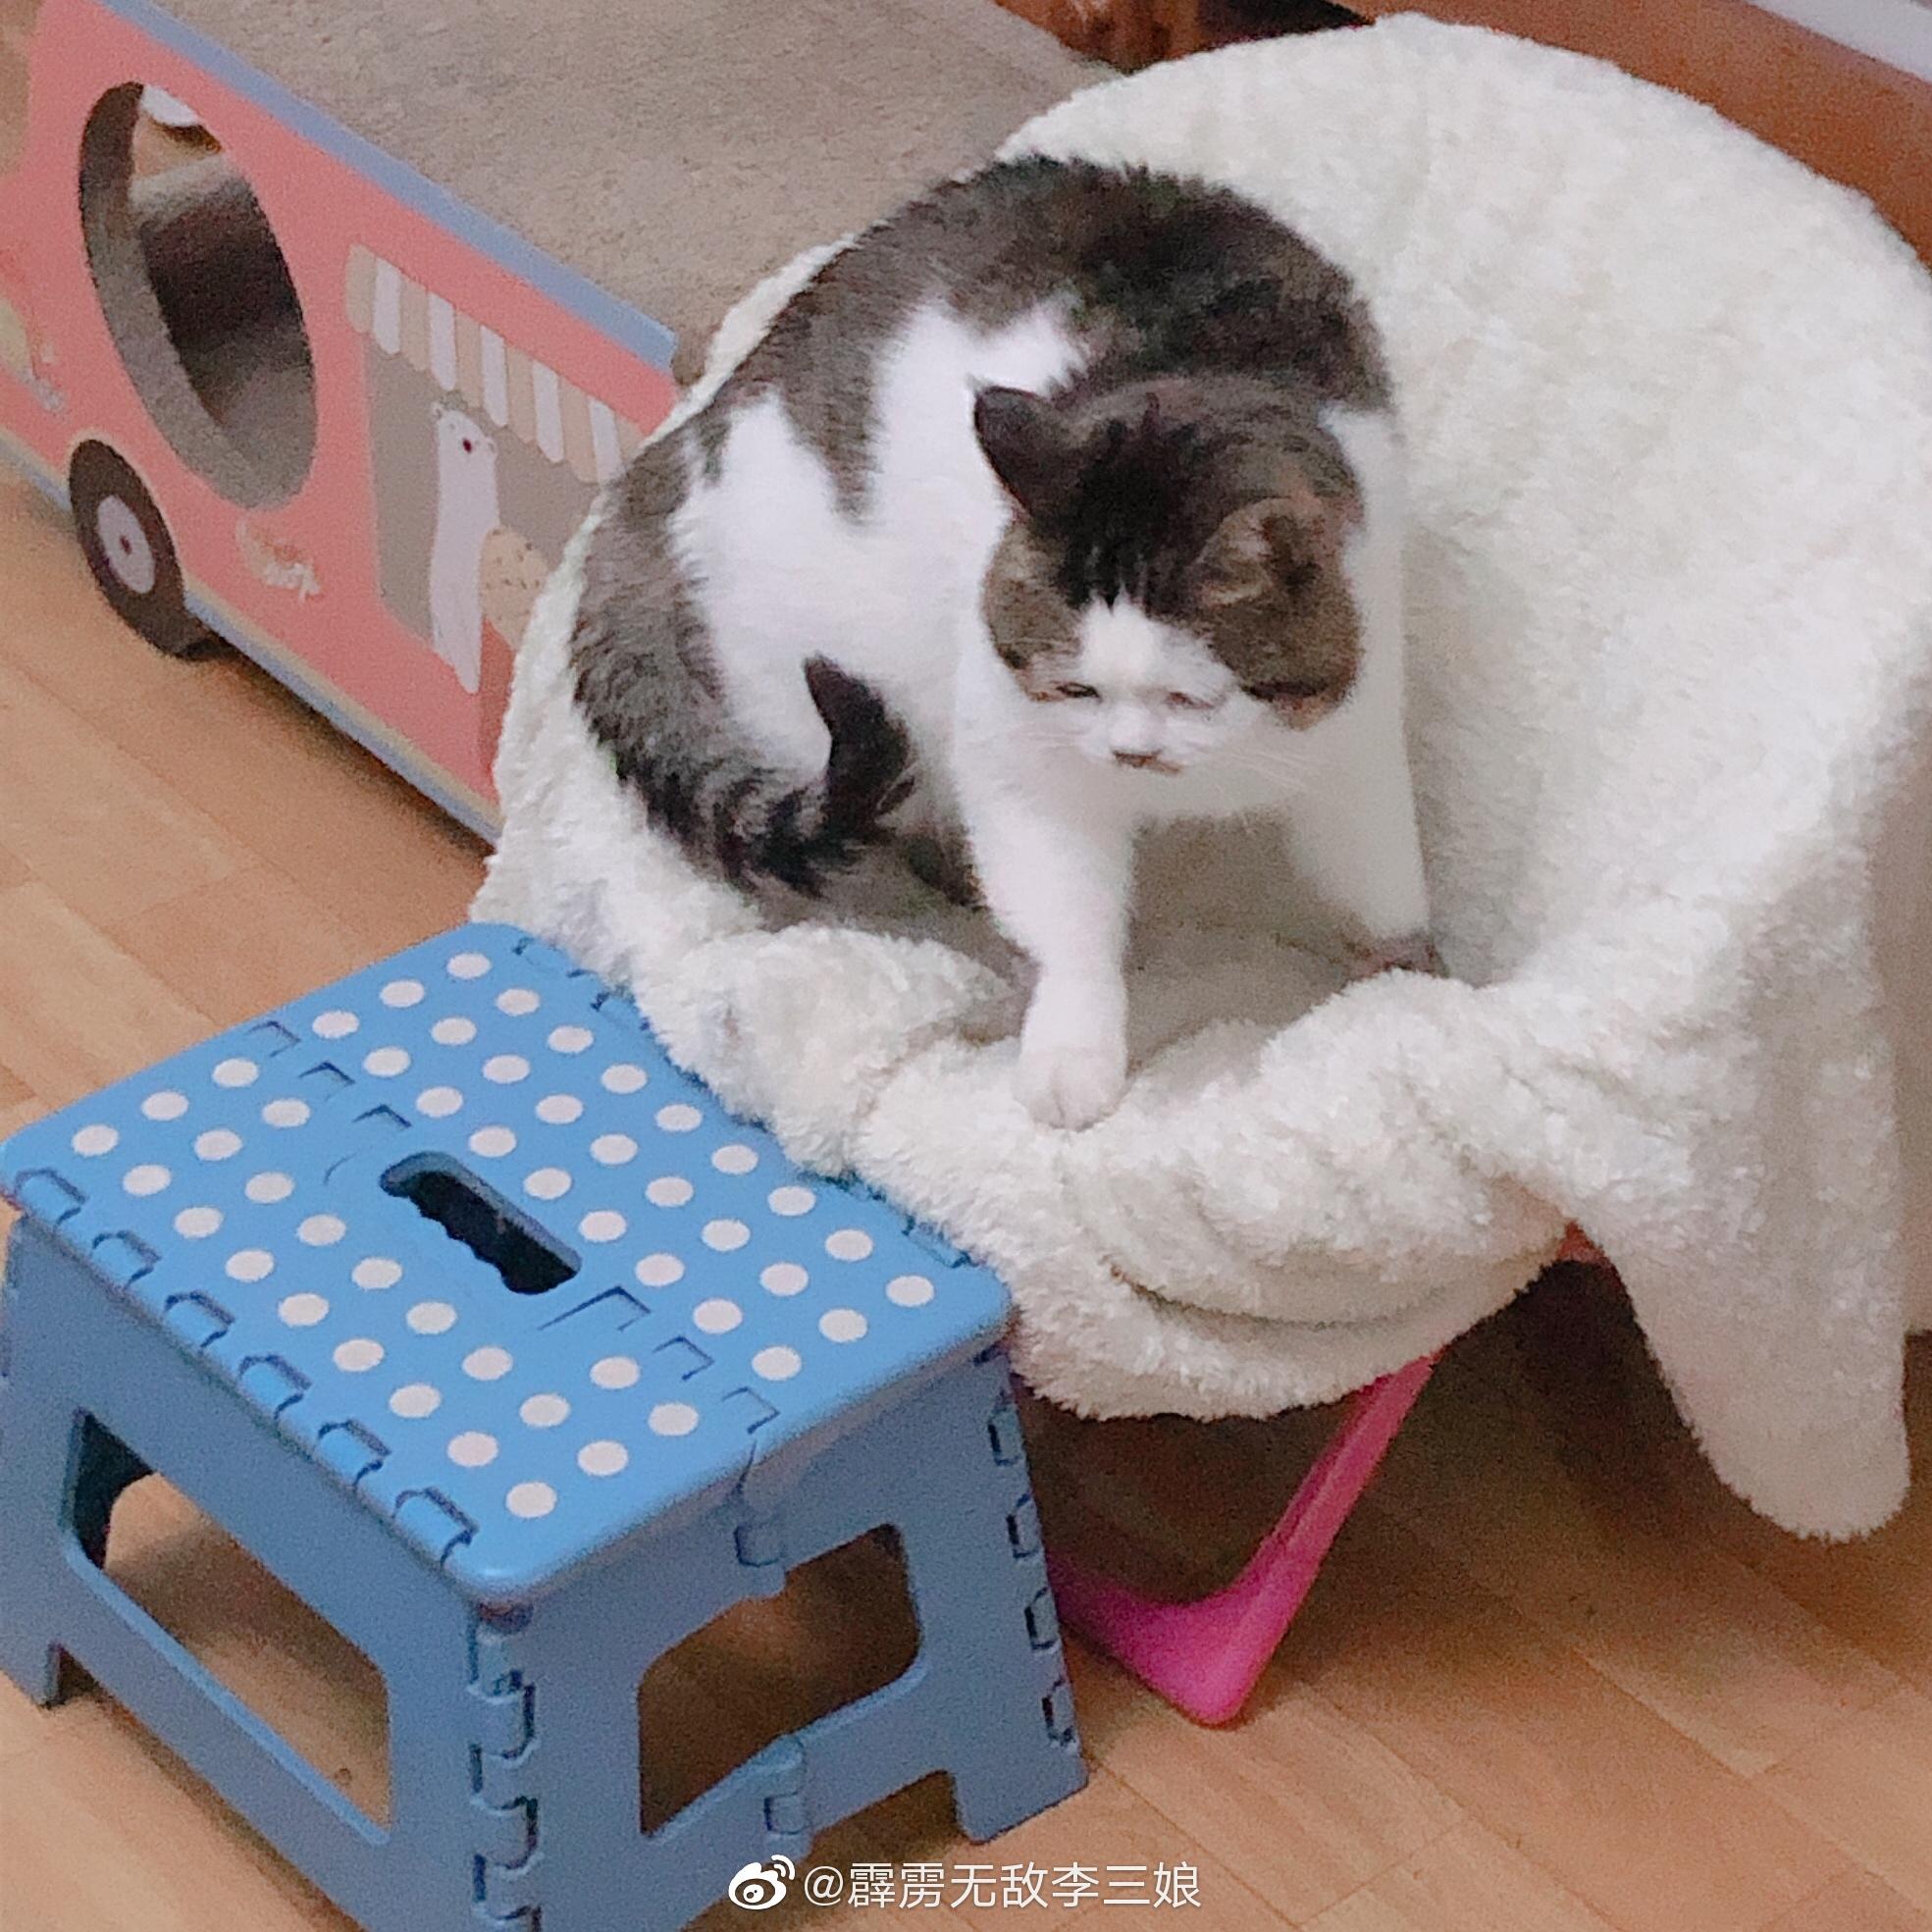 困了就睡椅子上,睡那不会摔跤大滋:好的,麻麻(眯眼睛)